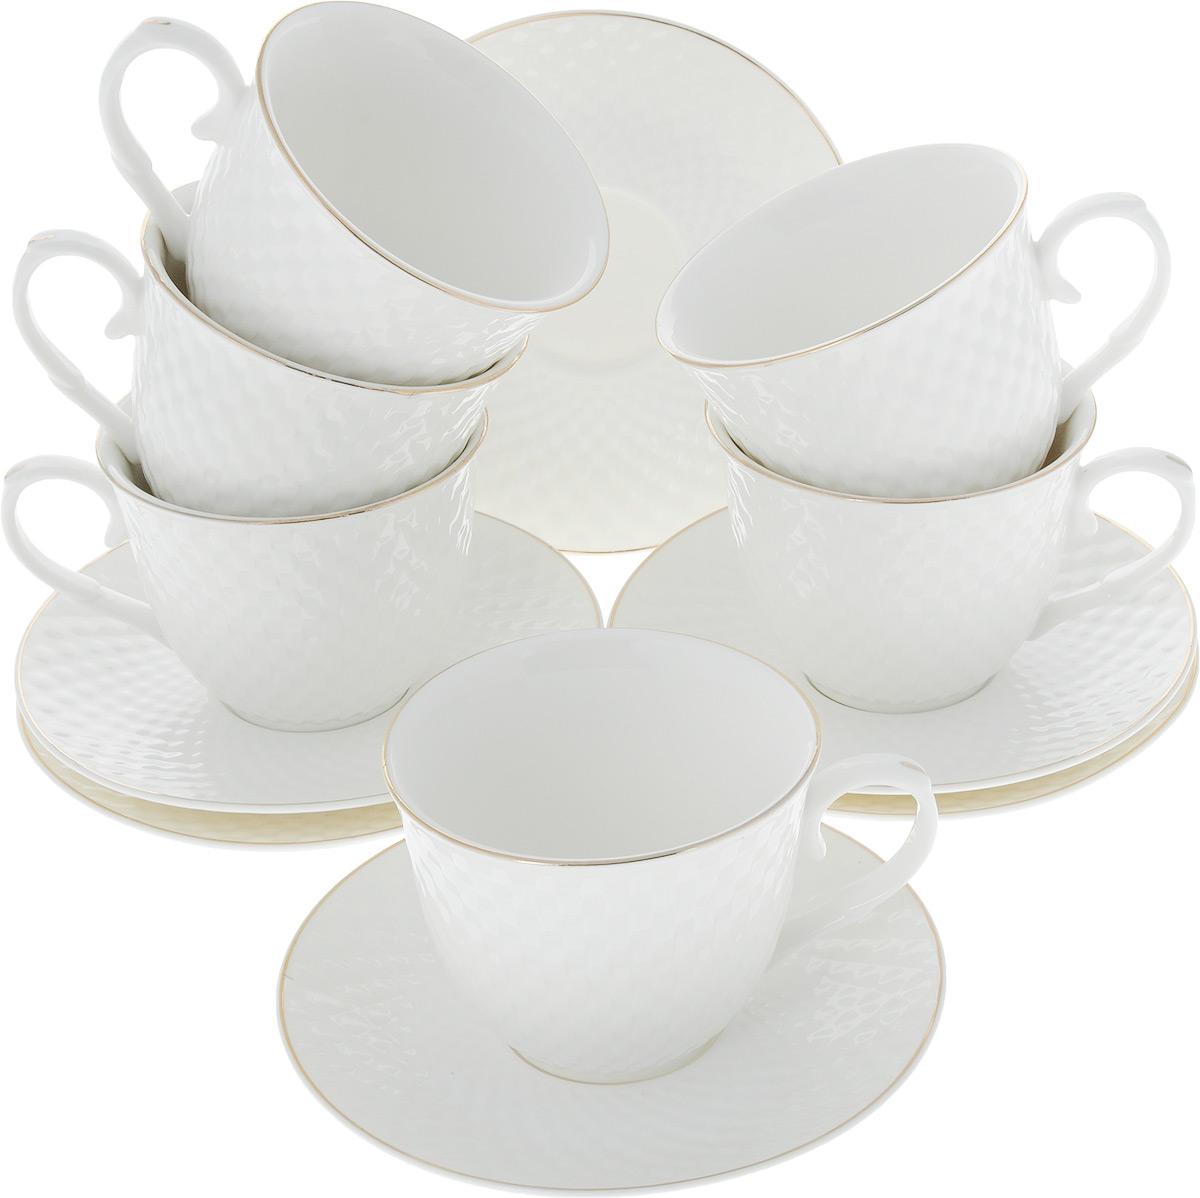 Сервиз чайный Loraine, 12 предметов. 26507 чайный сервиз loraine 200 мл 12 предметов 25931